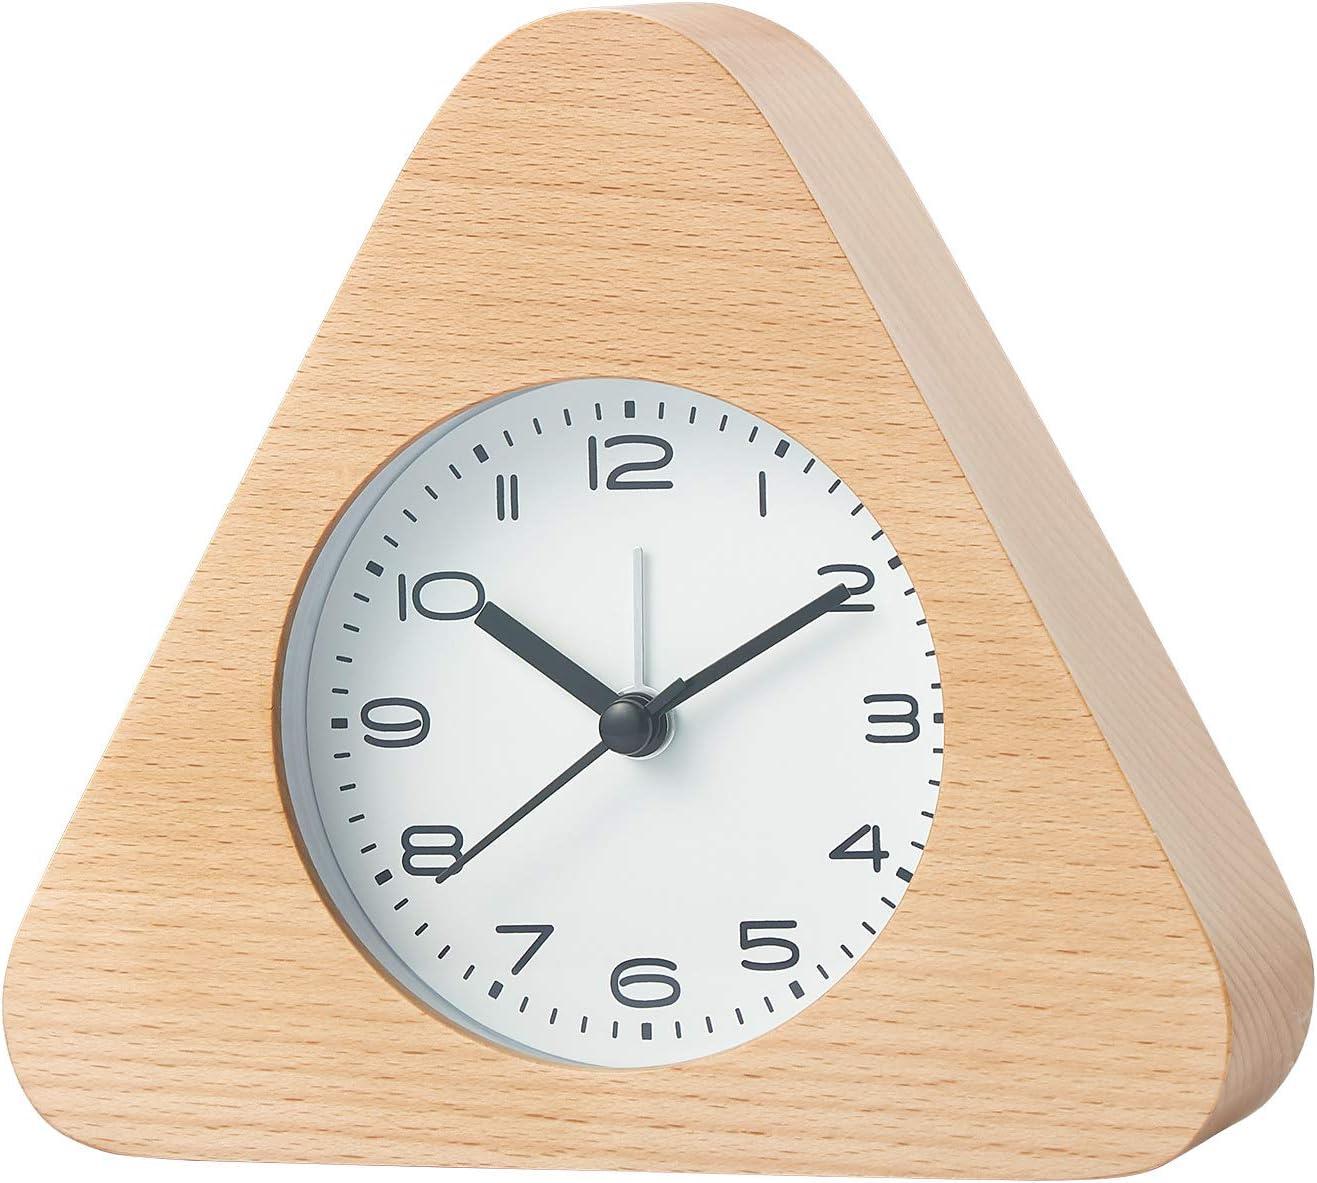 Horloge en Bois Classique Horloge de Chevet D/écoration en Forme de Triangle /él/égante D/écoration Vintage Pour le Bureau de la Chambre /à Coucher Bureau et Table de R/éveil Silencieuse Avec Veilleuse